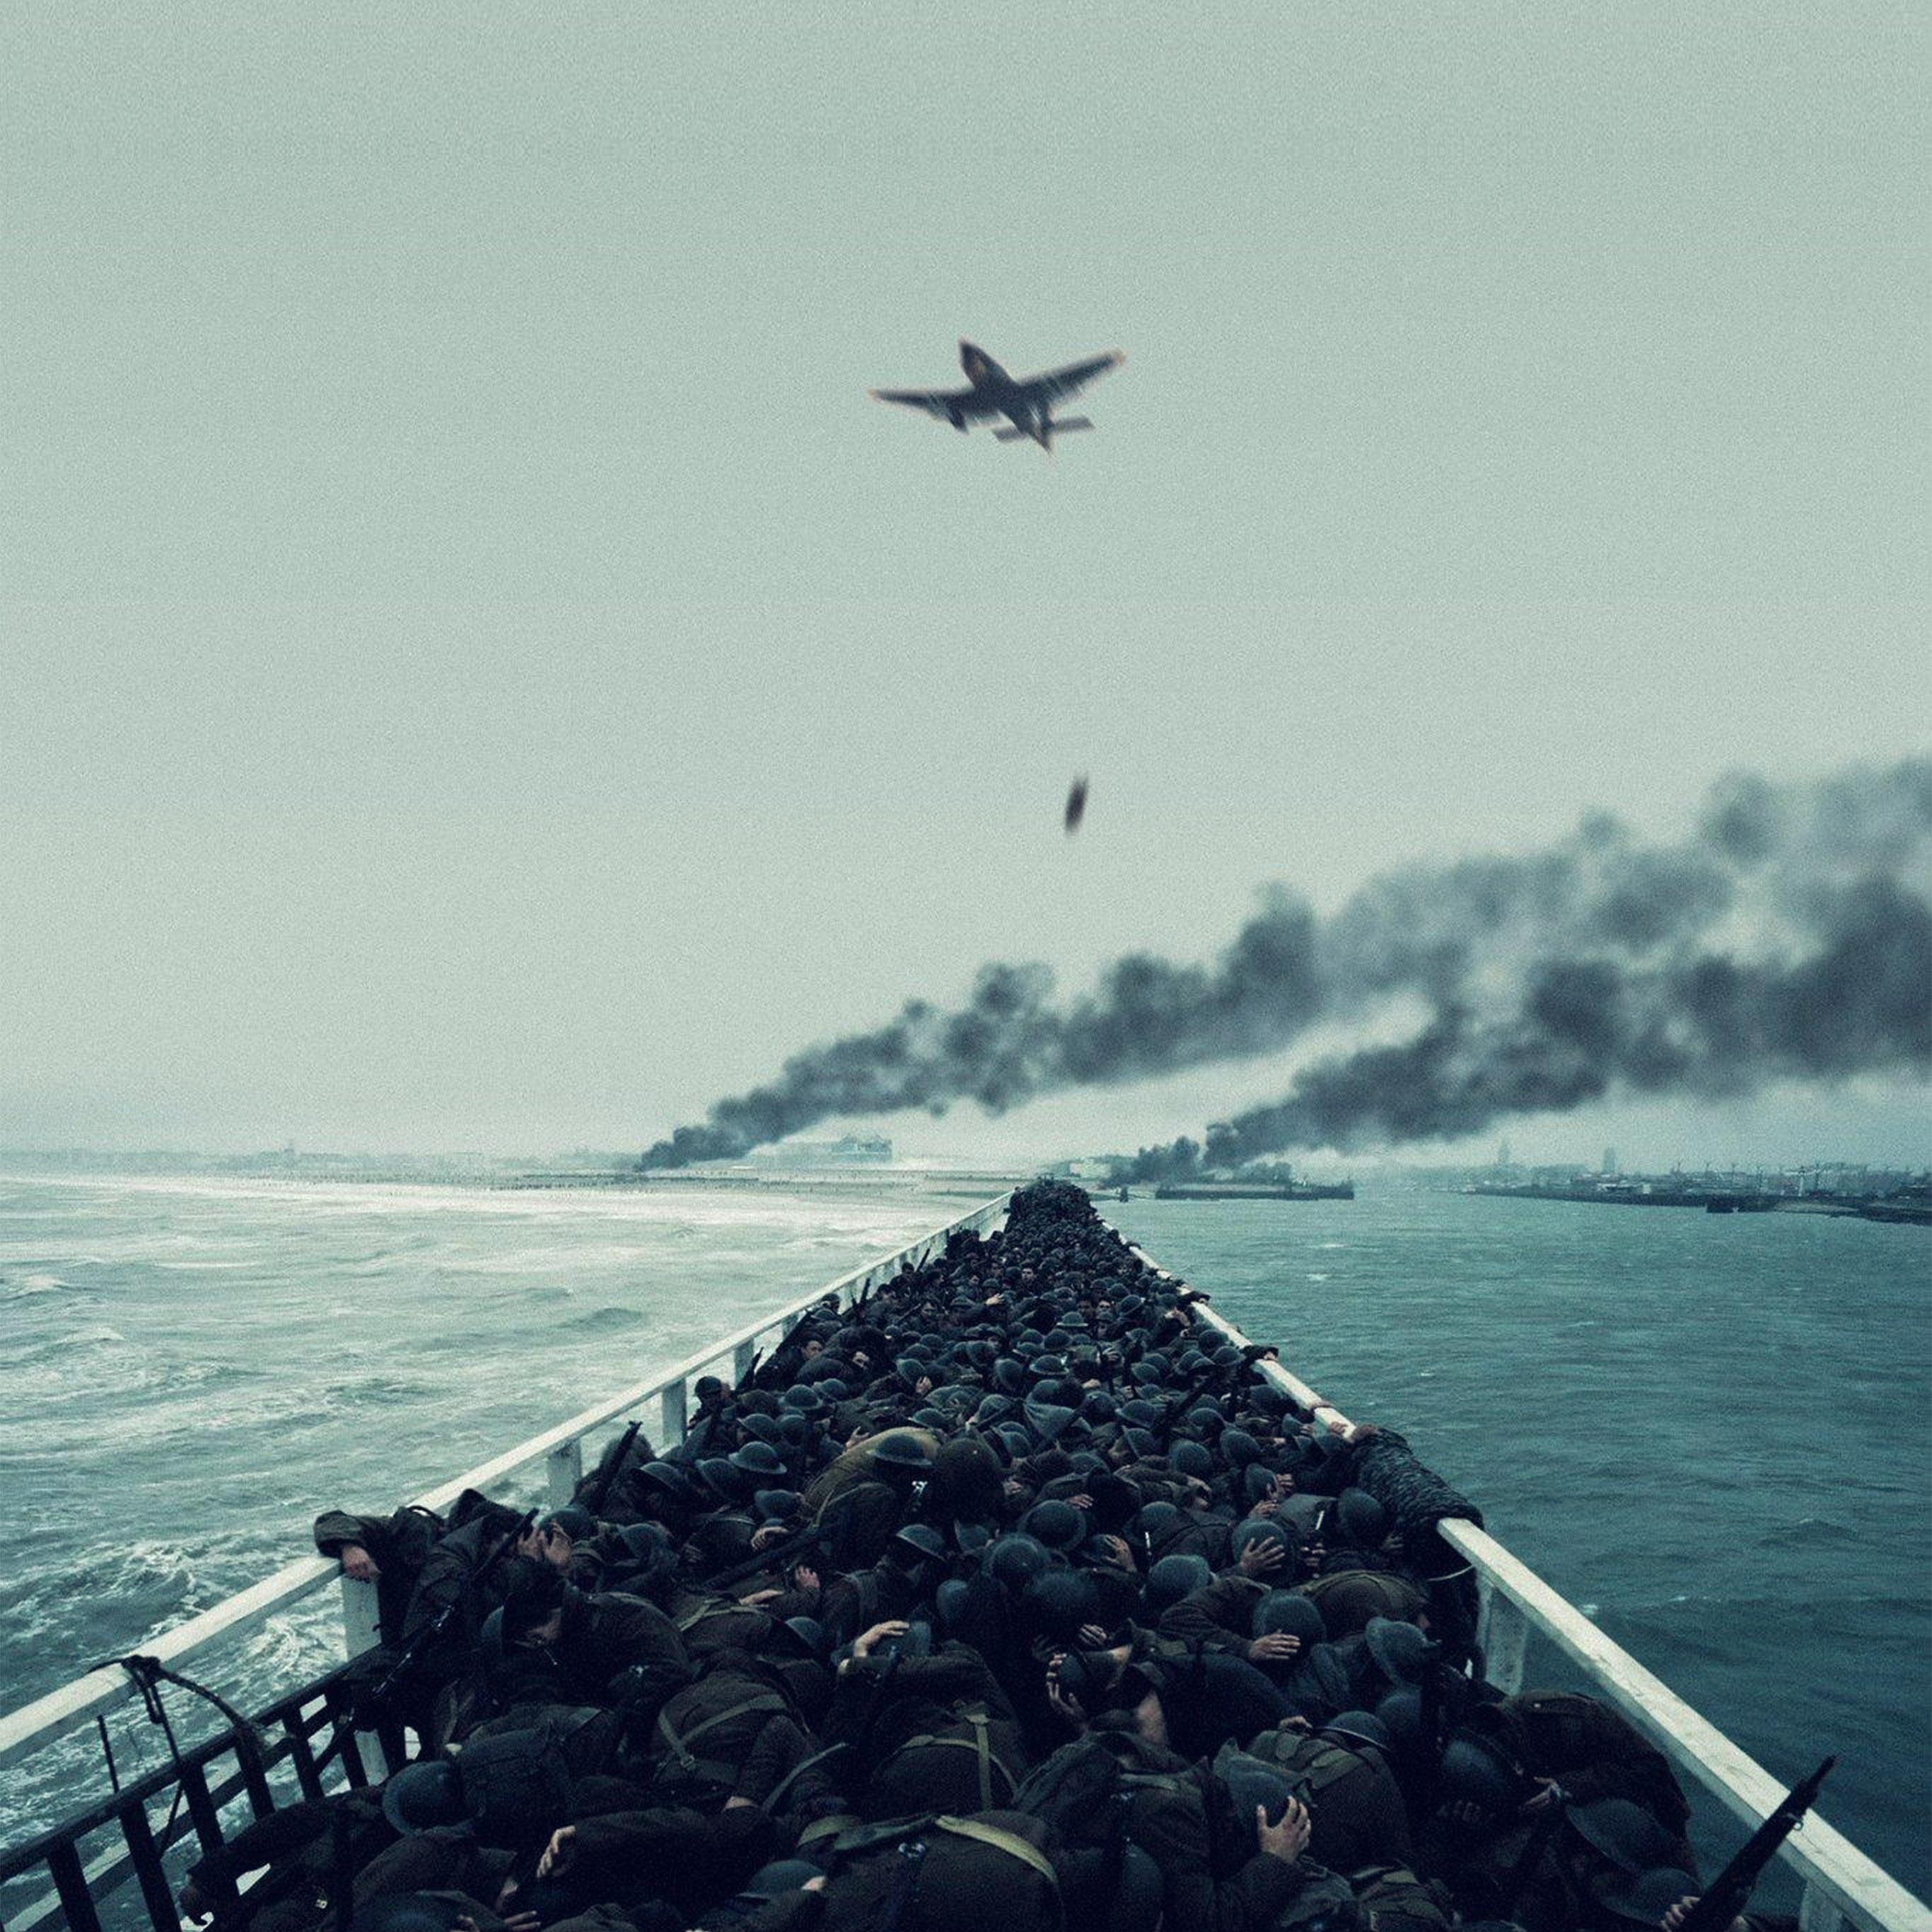 Ba22 Film War Dunkirk Boat Ship Illustration Art Wallpaper